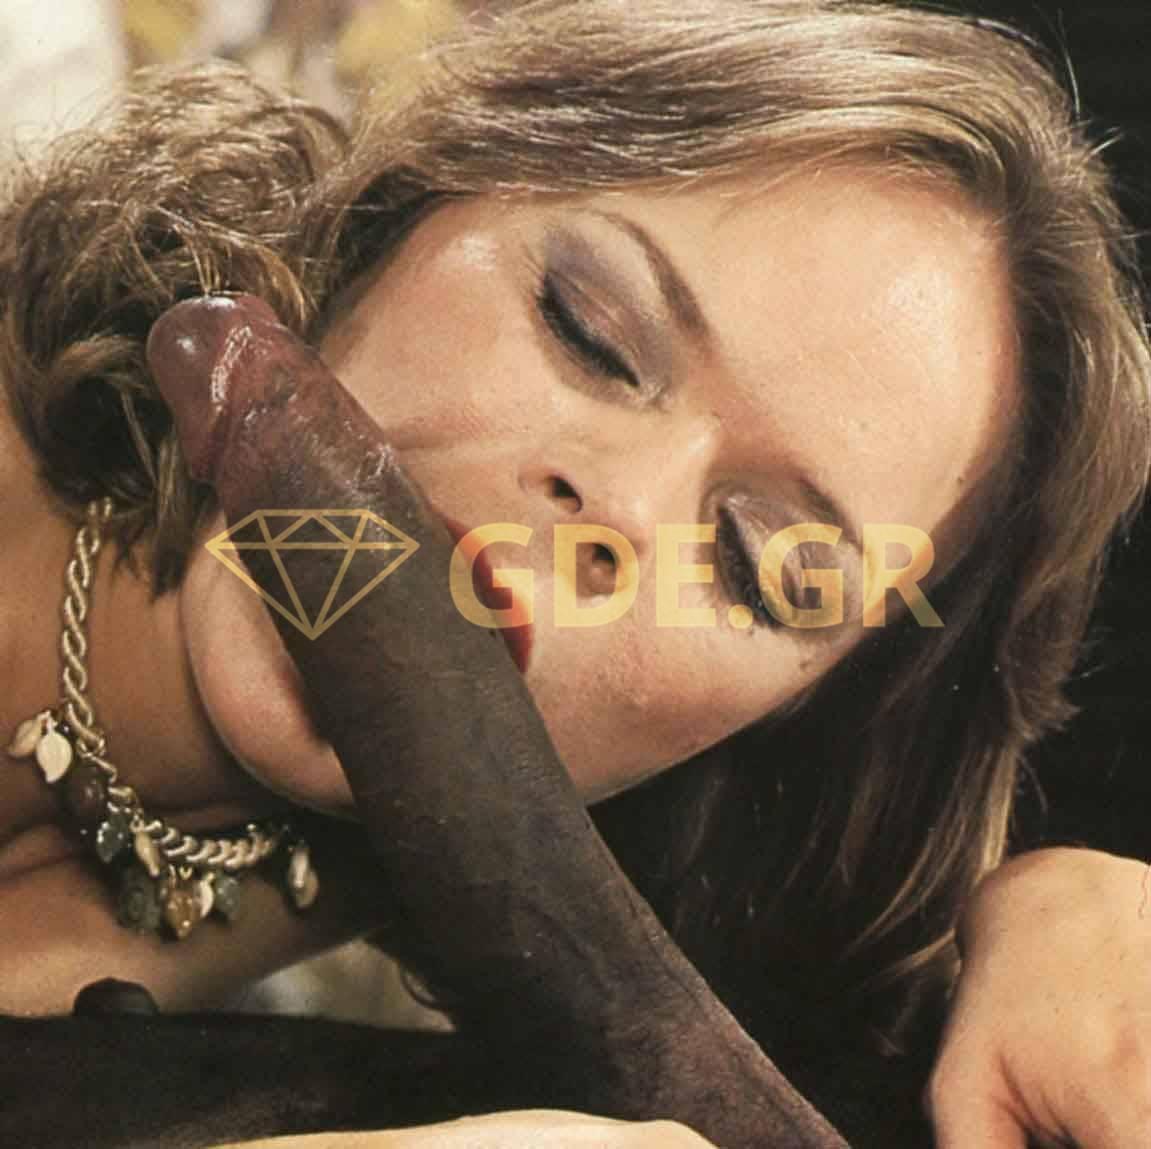 μαύρο ερασιτεχνικό milf πορνό